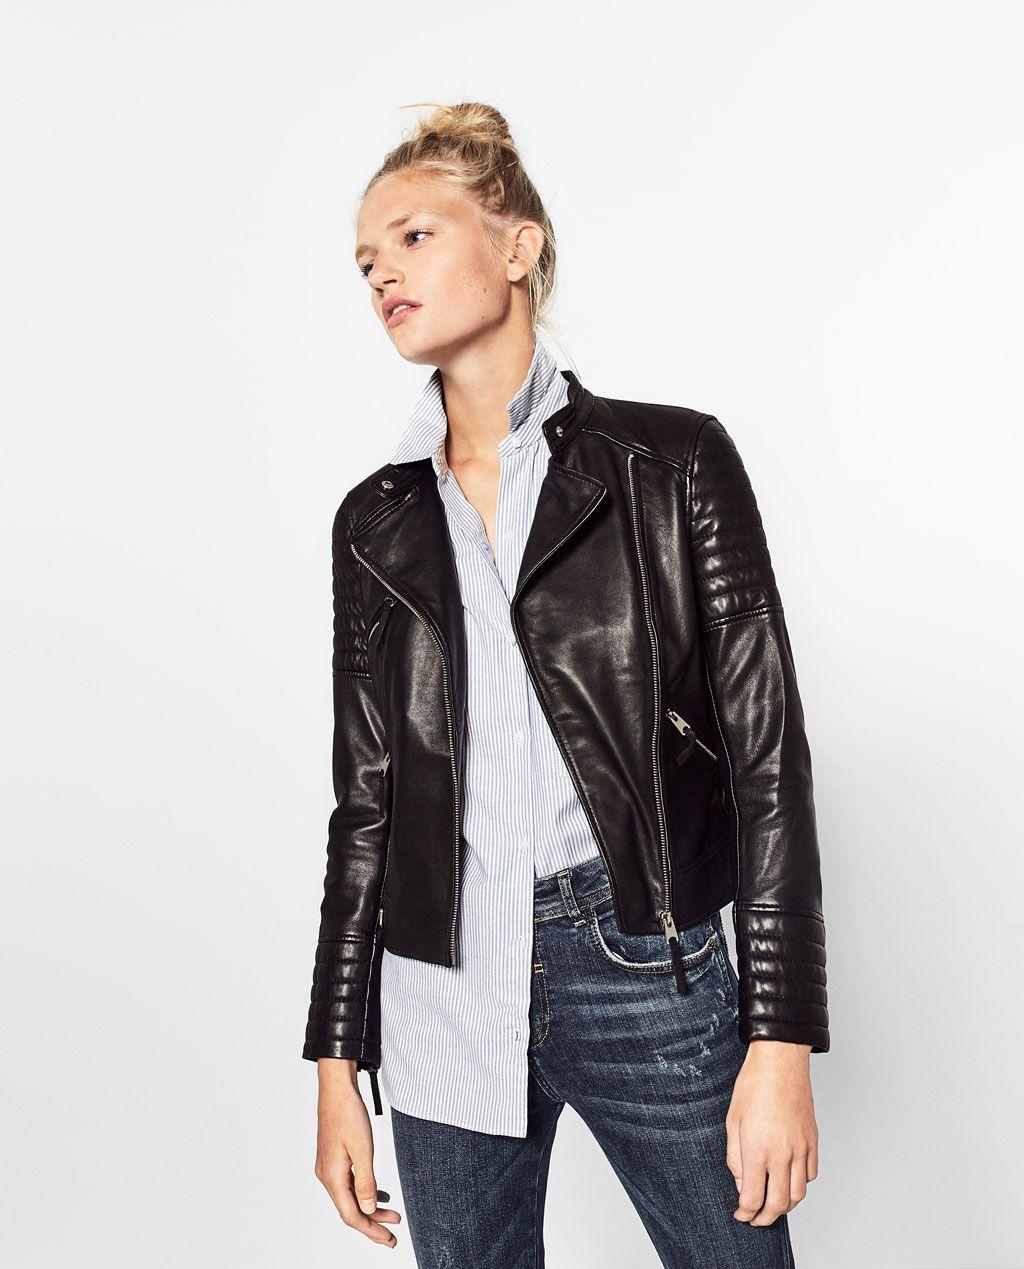 zara veste femme cuir les vestes la mode sont populaires partout dans le monde. Black Bedroom Furniture Sets. Home Design Ideas